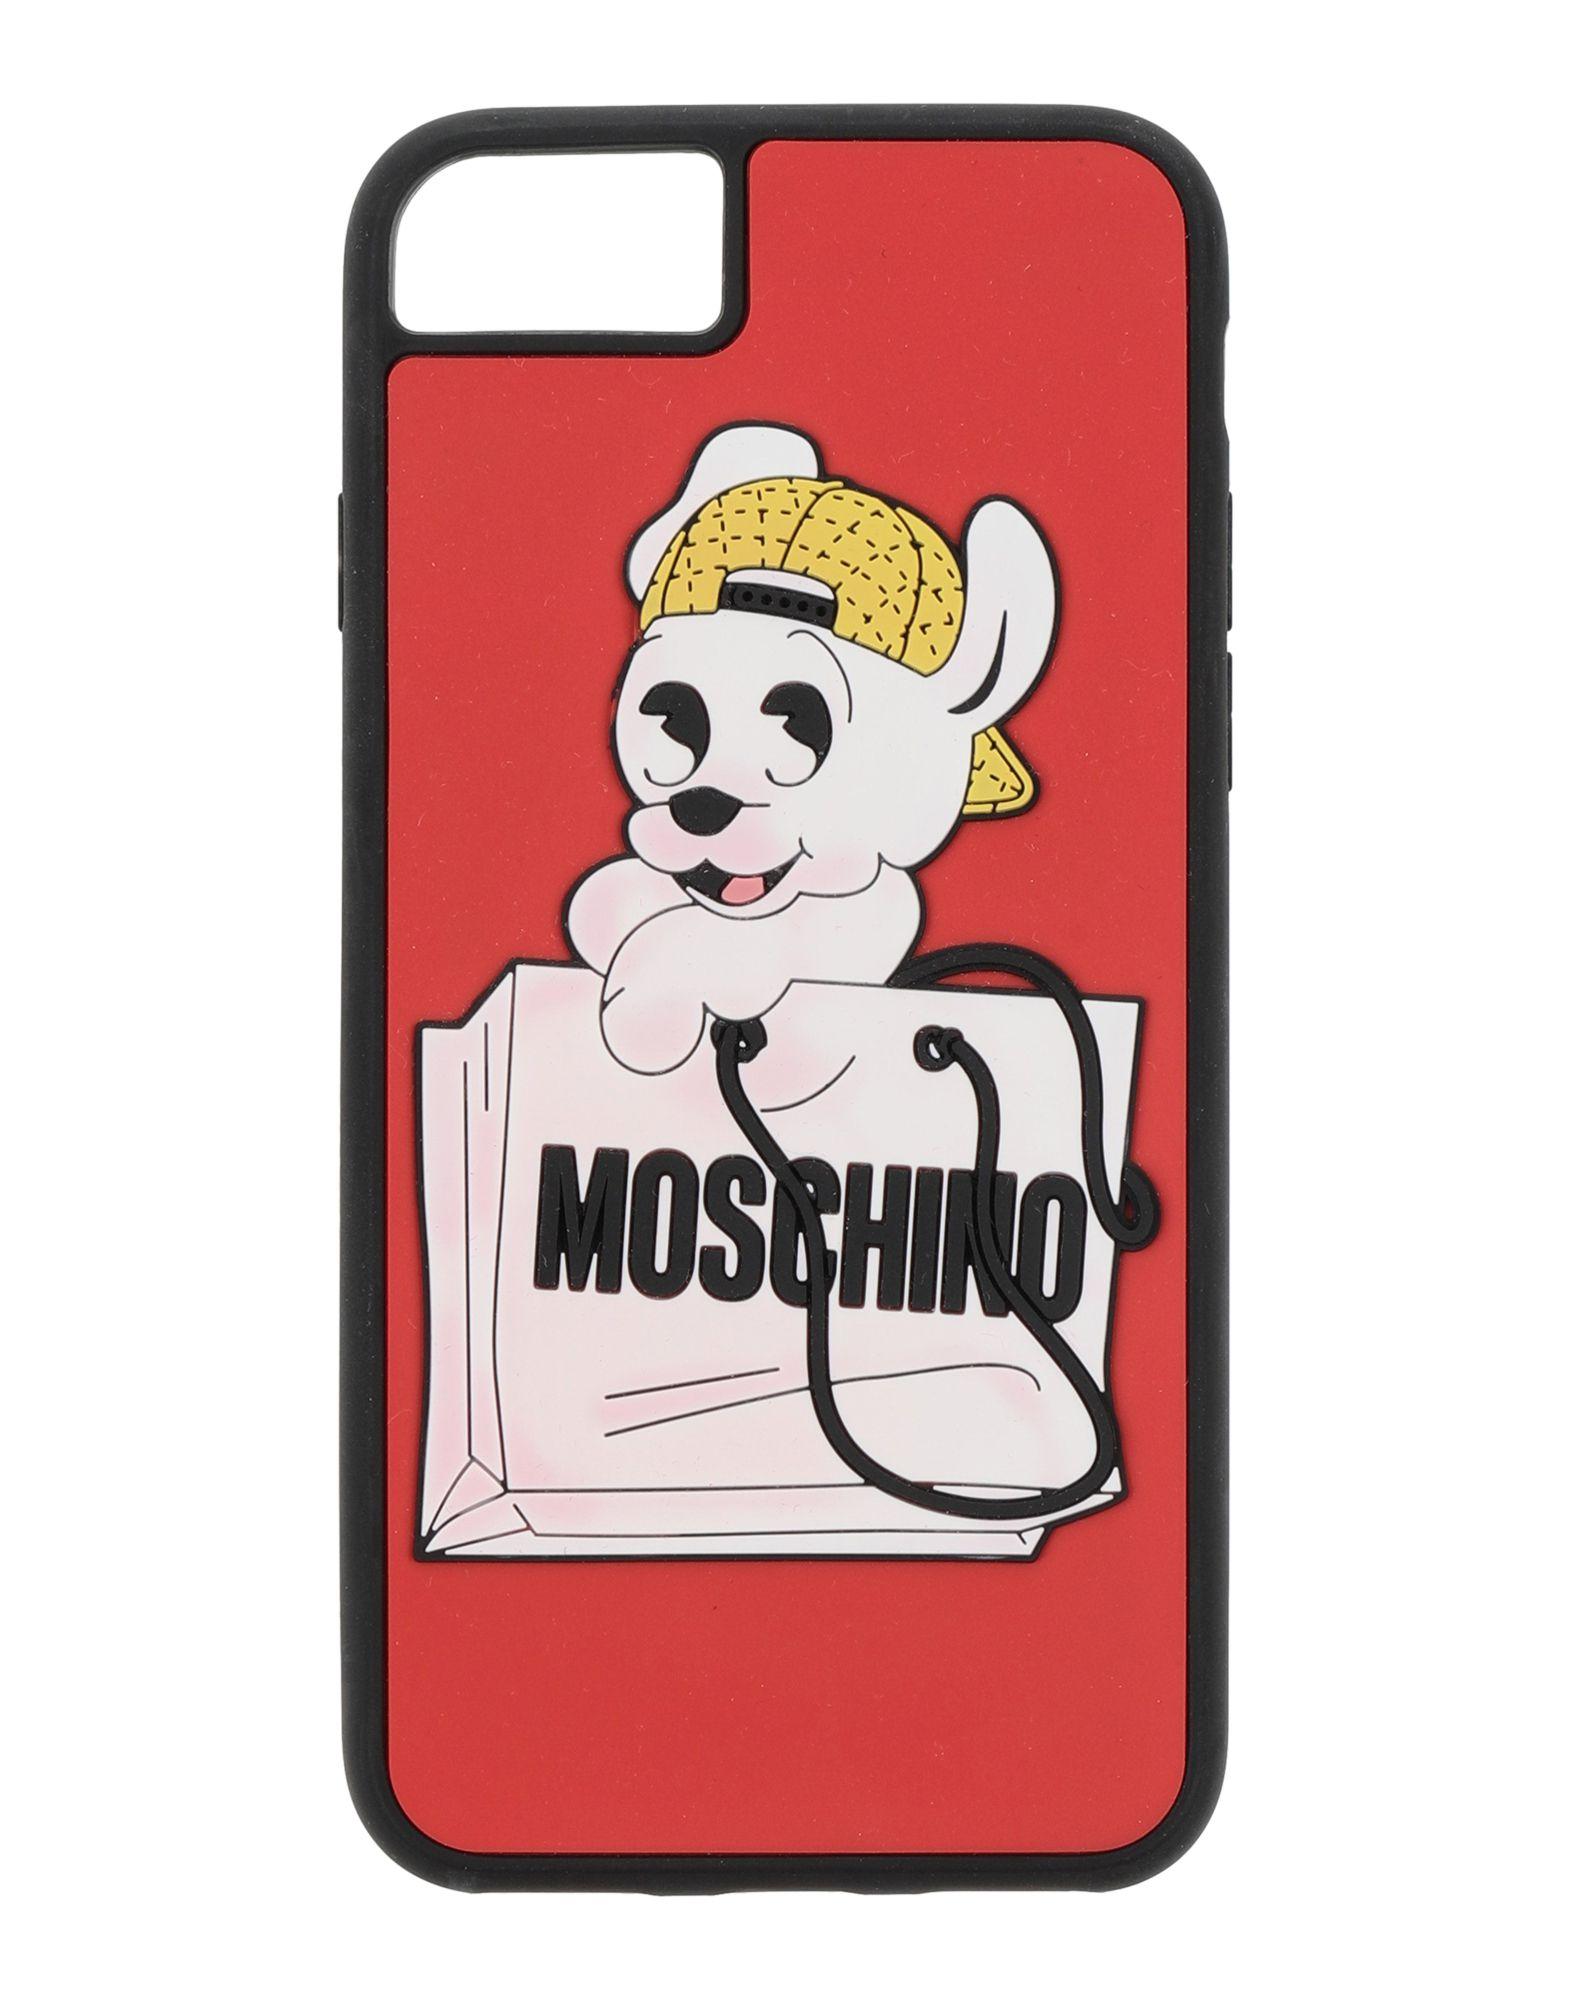 Фото - MOSCHINO Чехол чехол для телефона moschino чехол для телефона